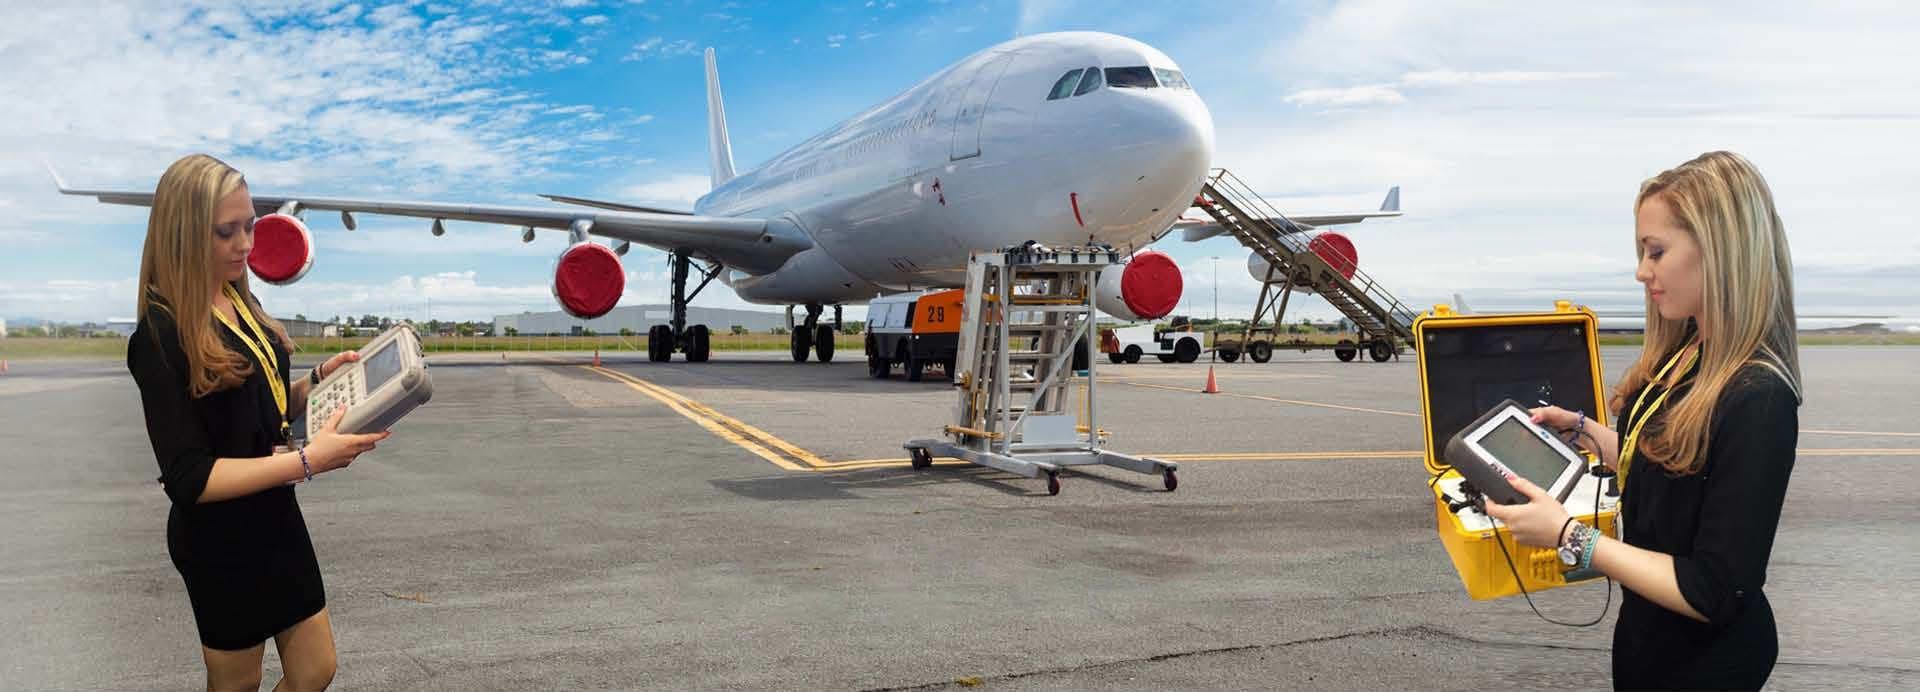 Avionteq Banner